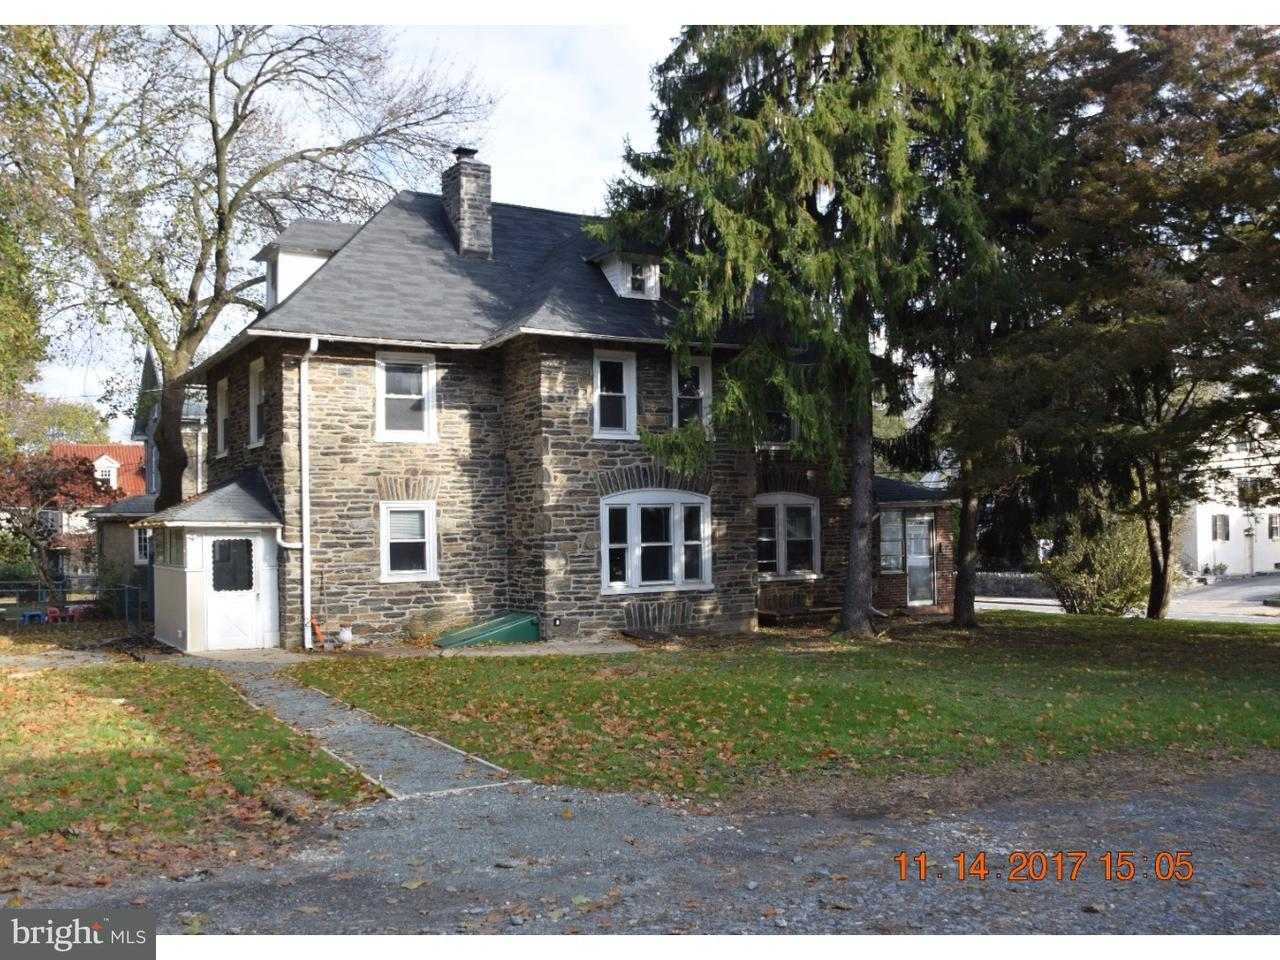 112 E Township Line Havertown, PA 19083